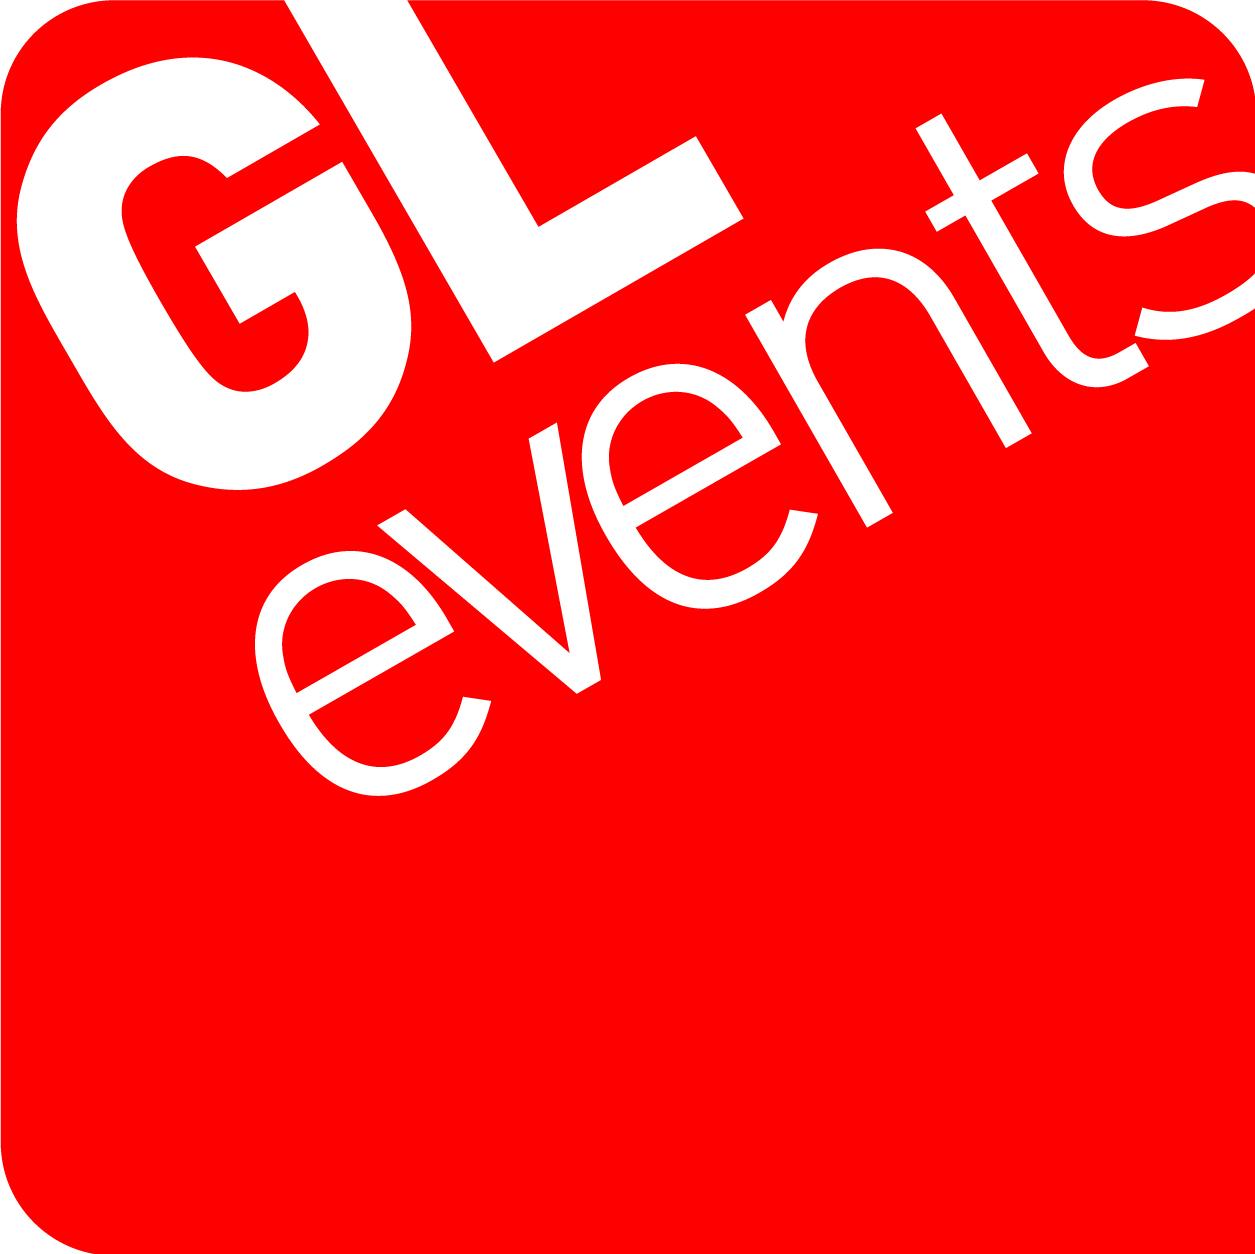 logo-gl-quadri